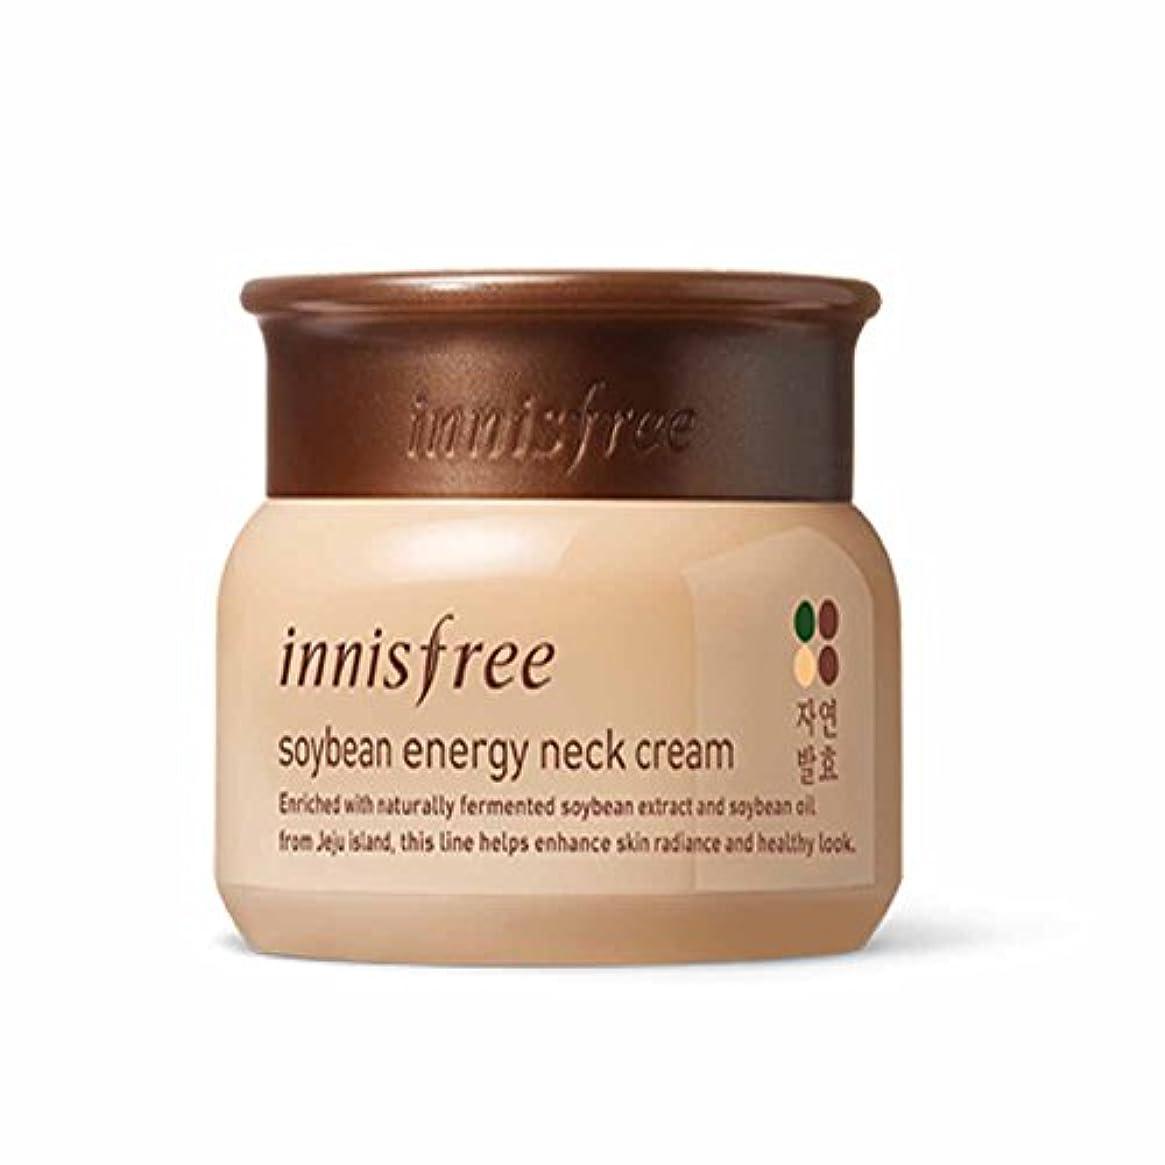 クラスできれば不信イニスフリーソーイングエナジーネッククリーム80ml / Innisfree Soybean Energy Neck Cream 80ml[海外直送品] [並行輸入品]